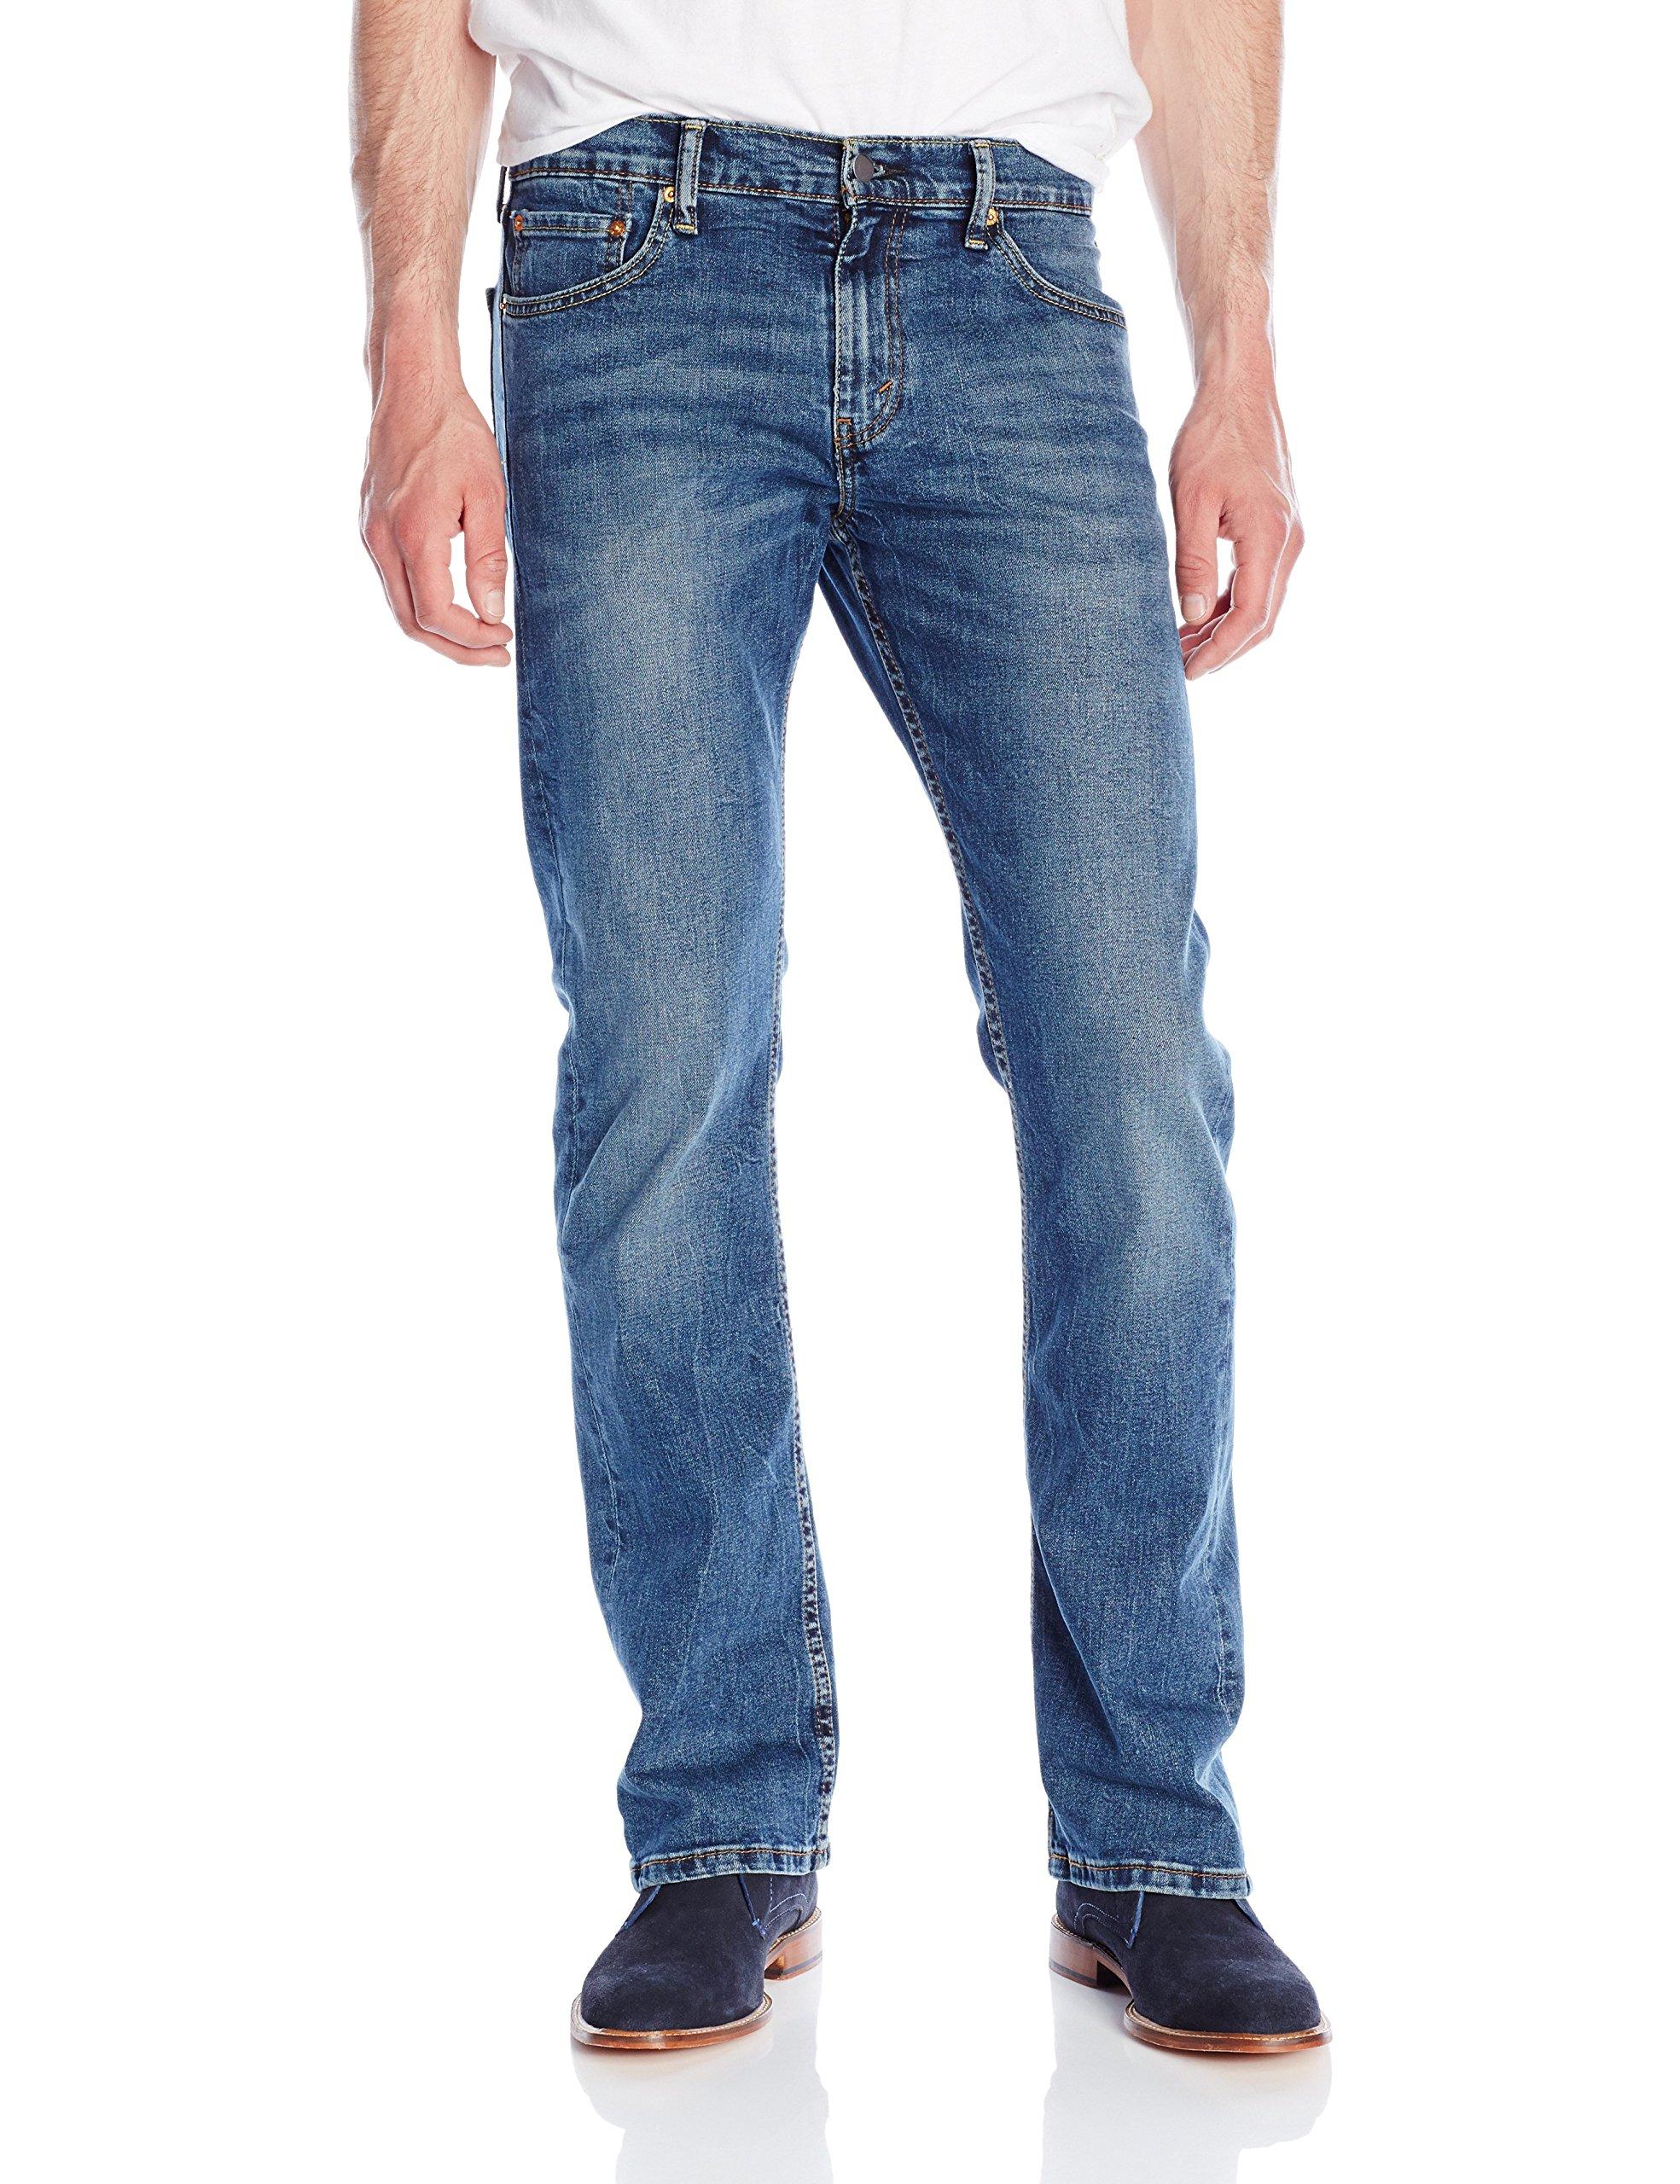 Levi's Men's 527 Slim Bootcut Jean, Black Stone, 34W x 30L